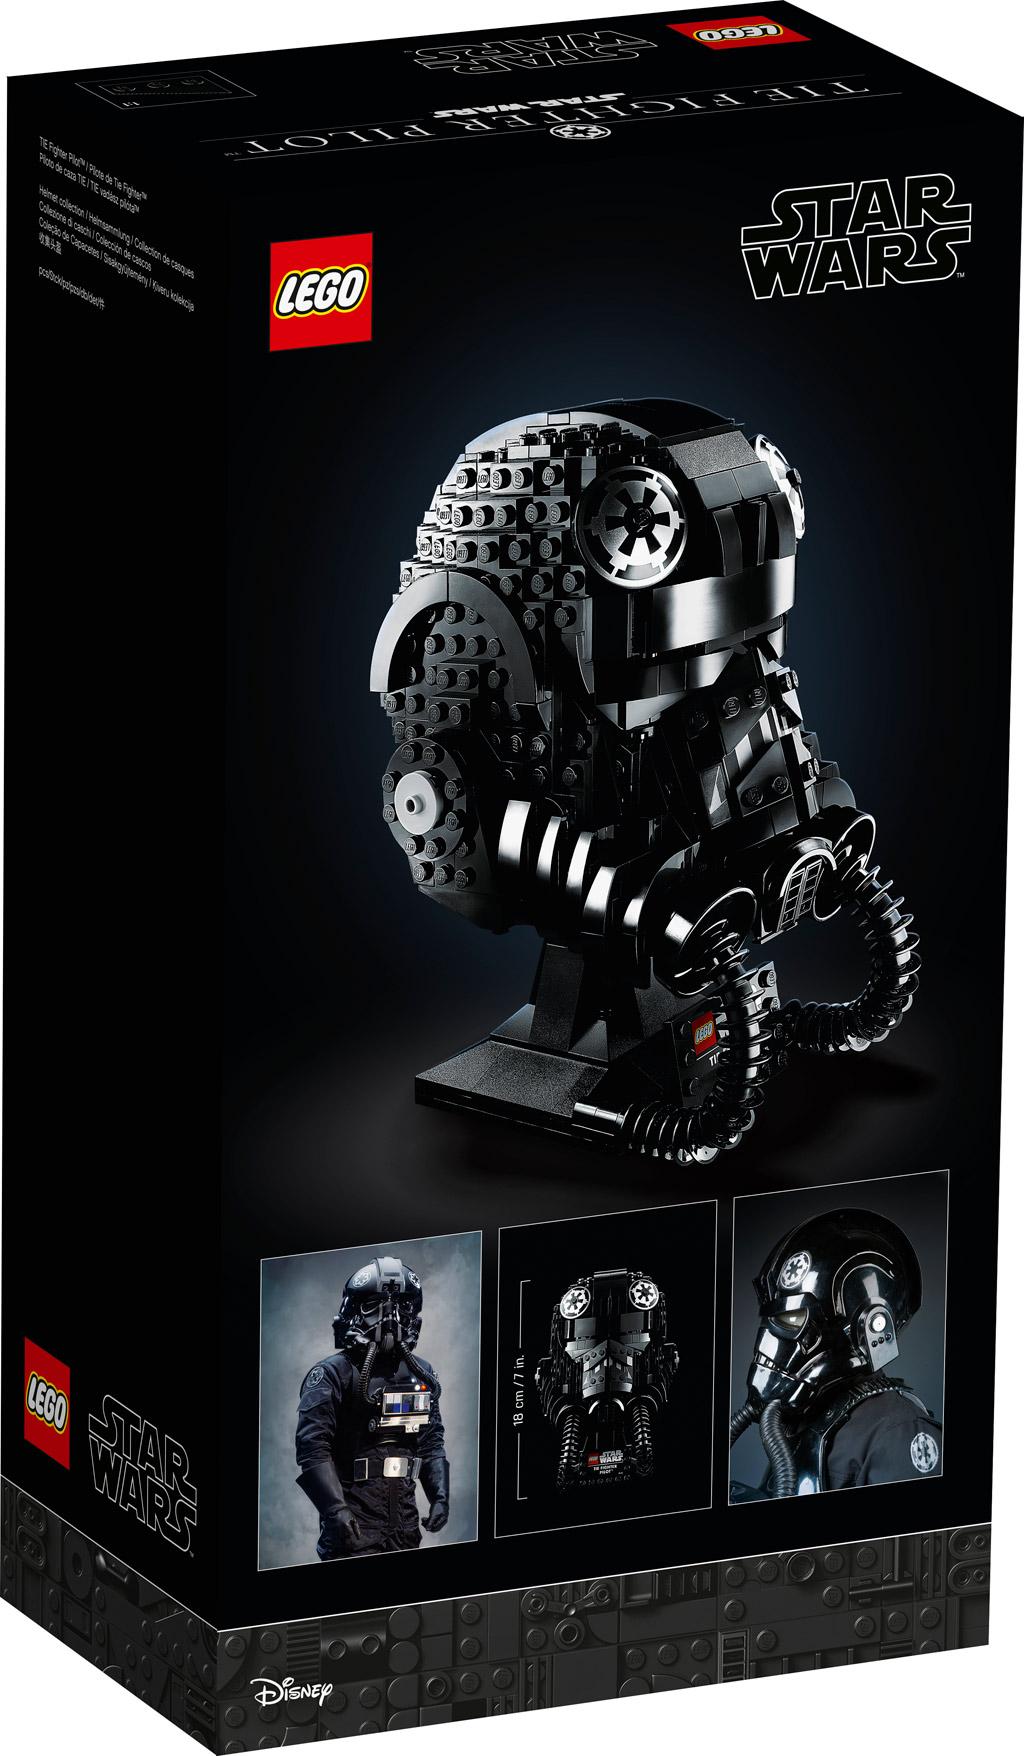 lego-star-wars-75274-tie-fighter-pilot-box-back-2020 zusammengebaut.com